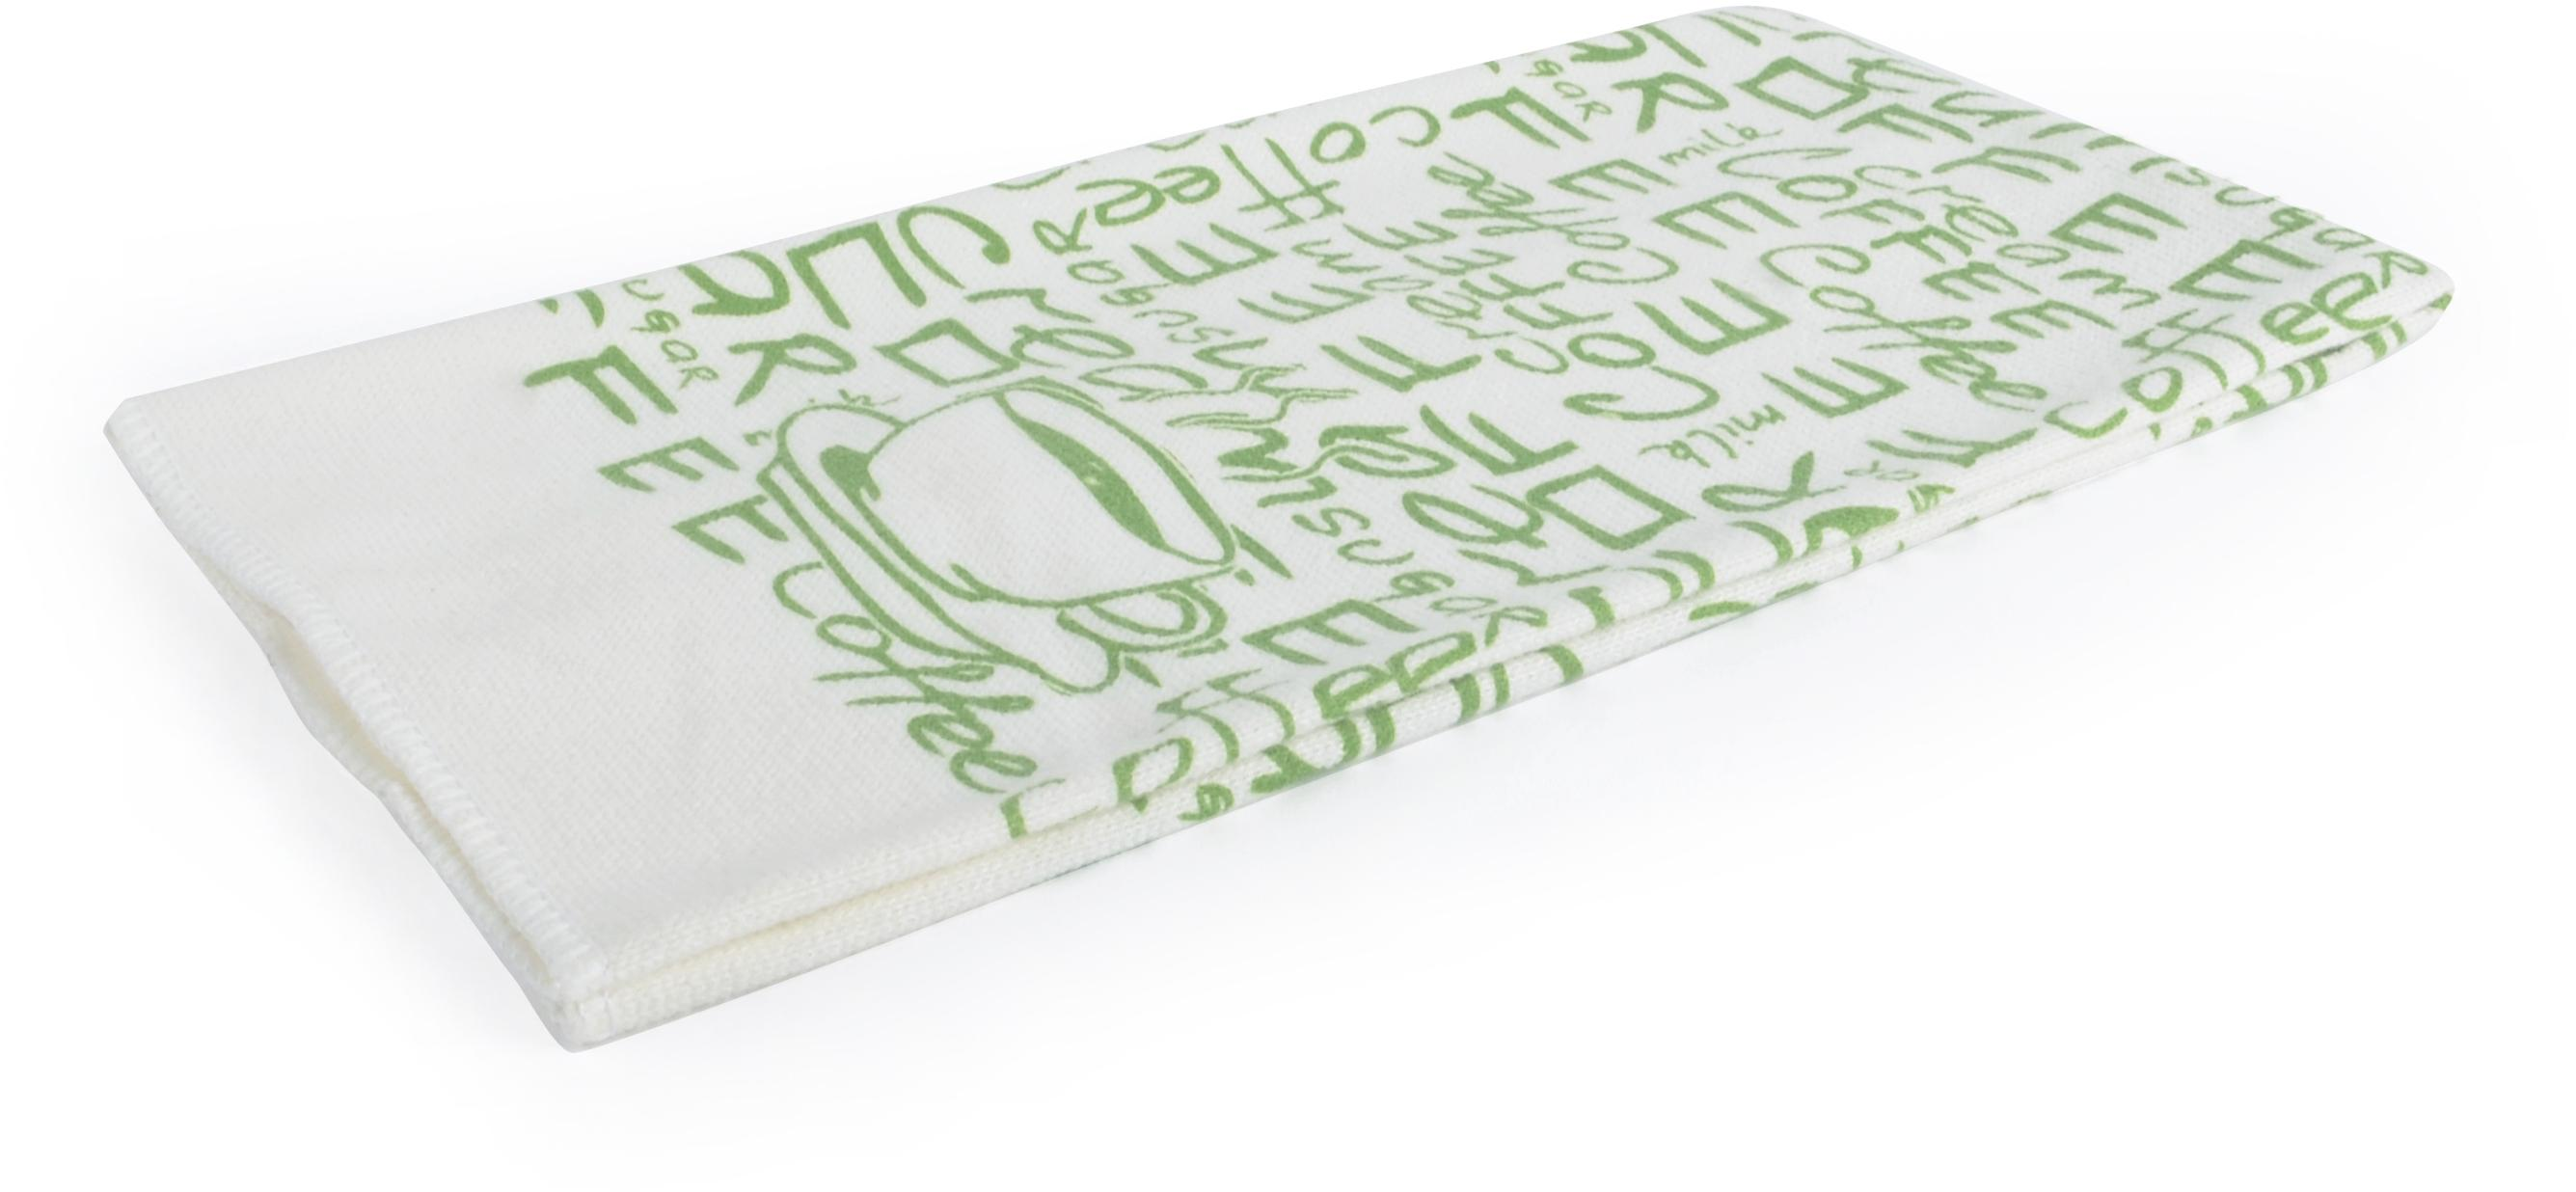 Utěrka LATTE mikrovlákno 38x63 cm, zelená, Essex